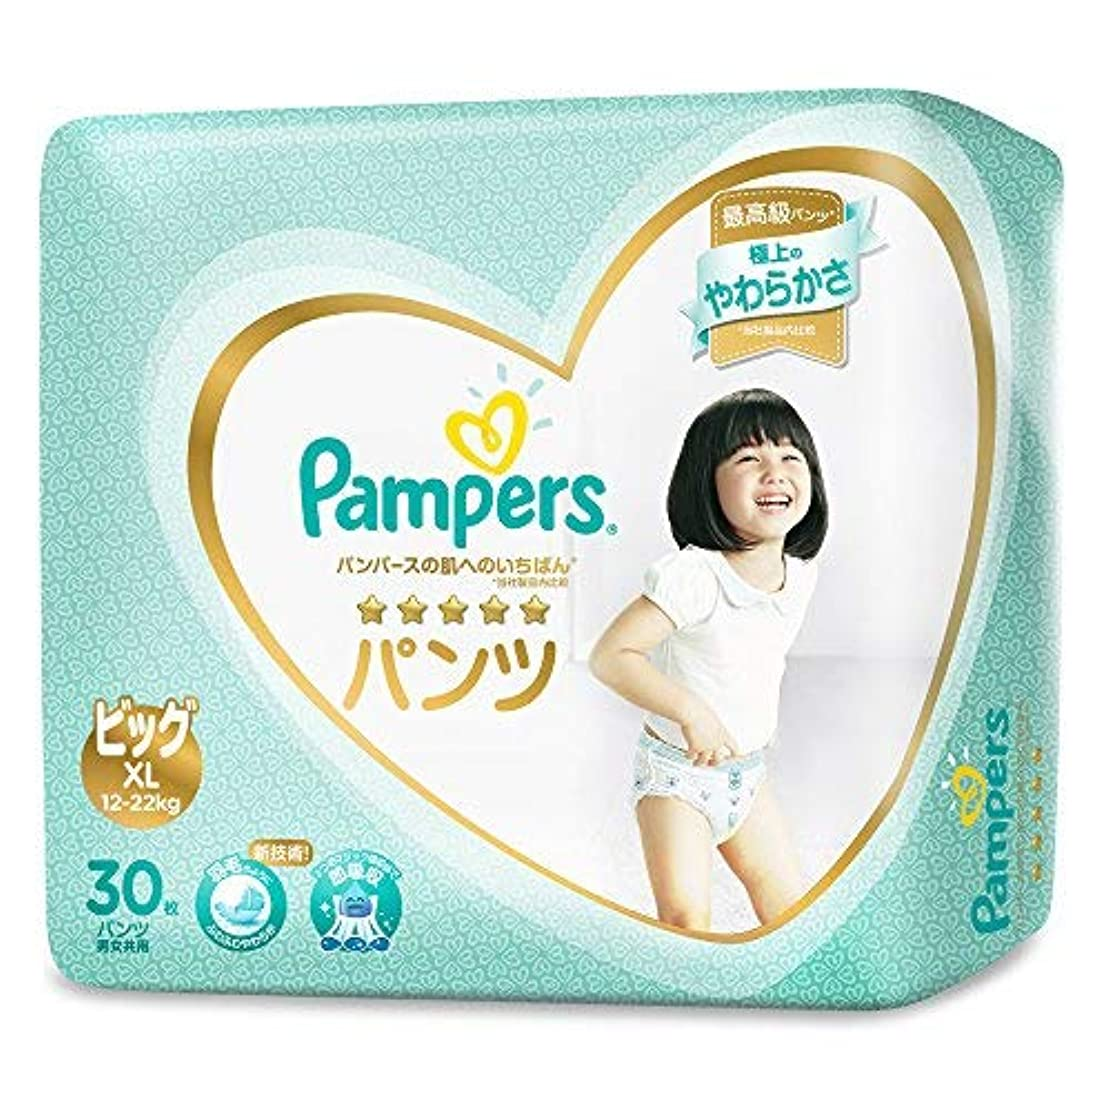 化学薬品犠牲息を切らしてパンパース はじめての肌へのいちばんパンツ スーパージャンボ ビッグサイズ 30枚 × 2個セット